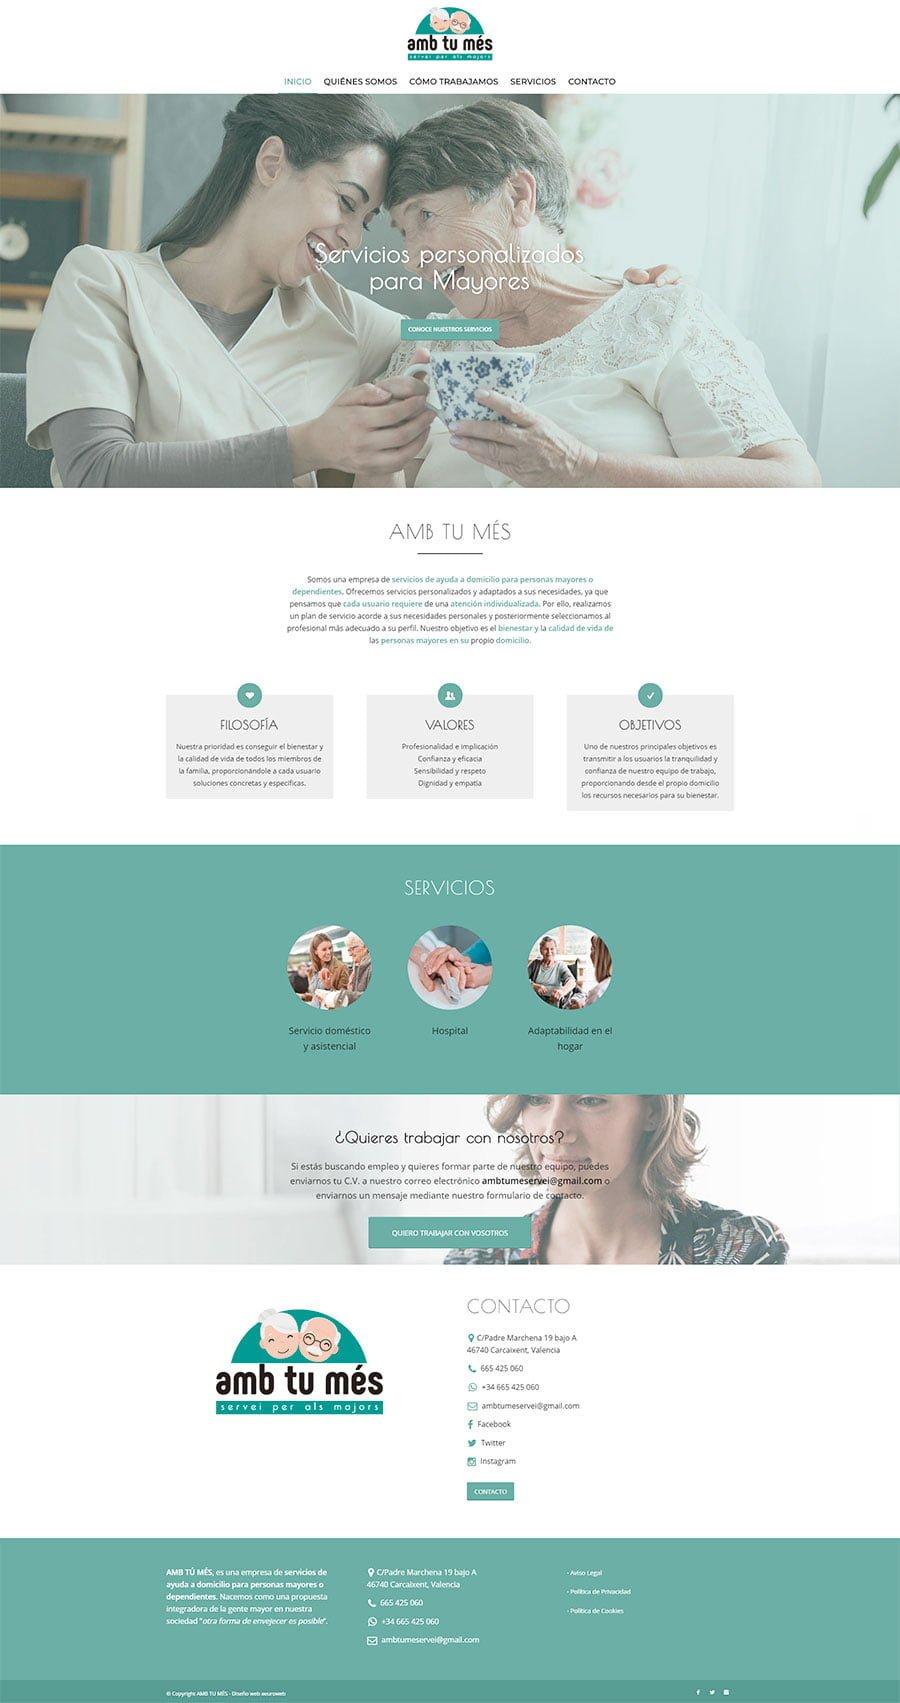 diseño web amb tu mes